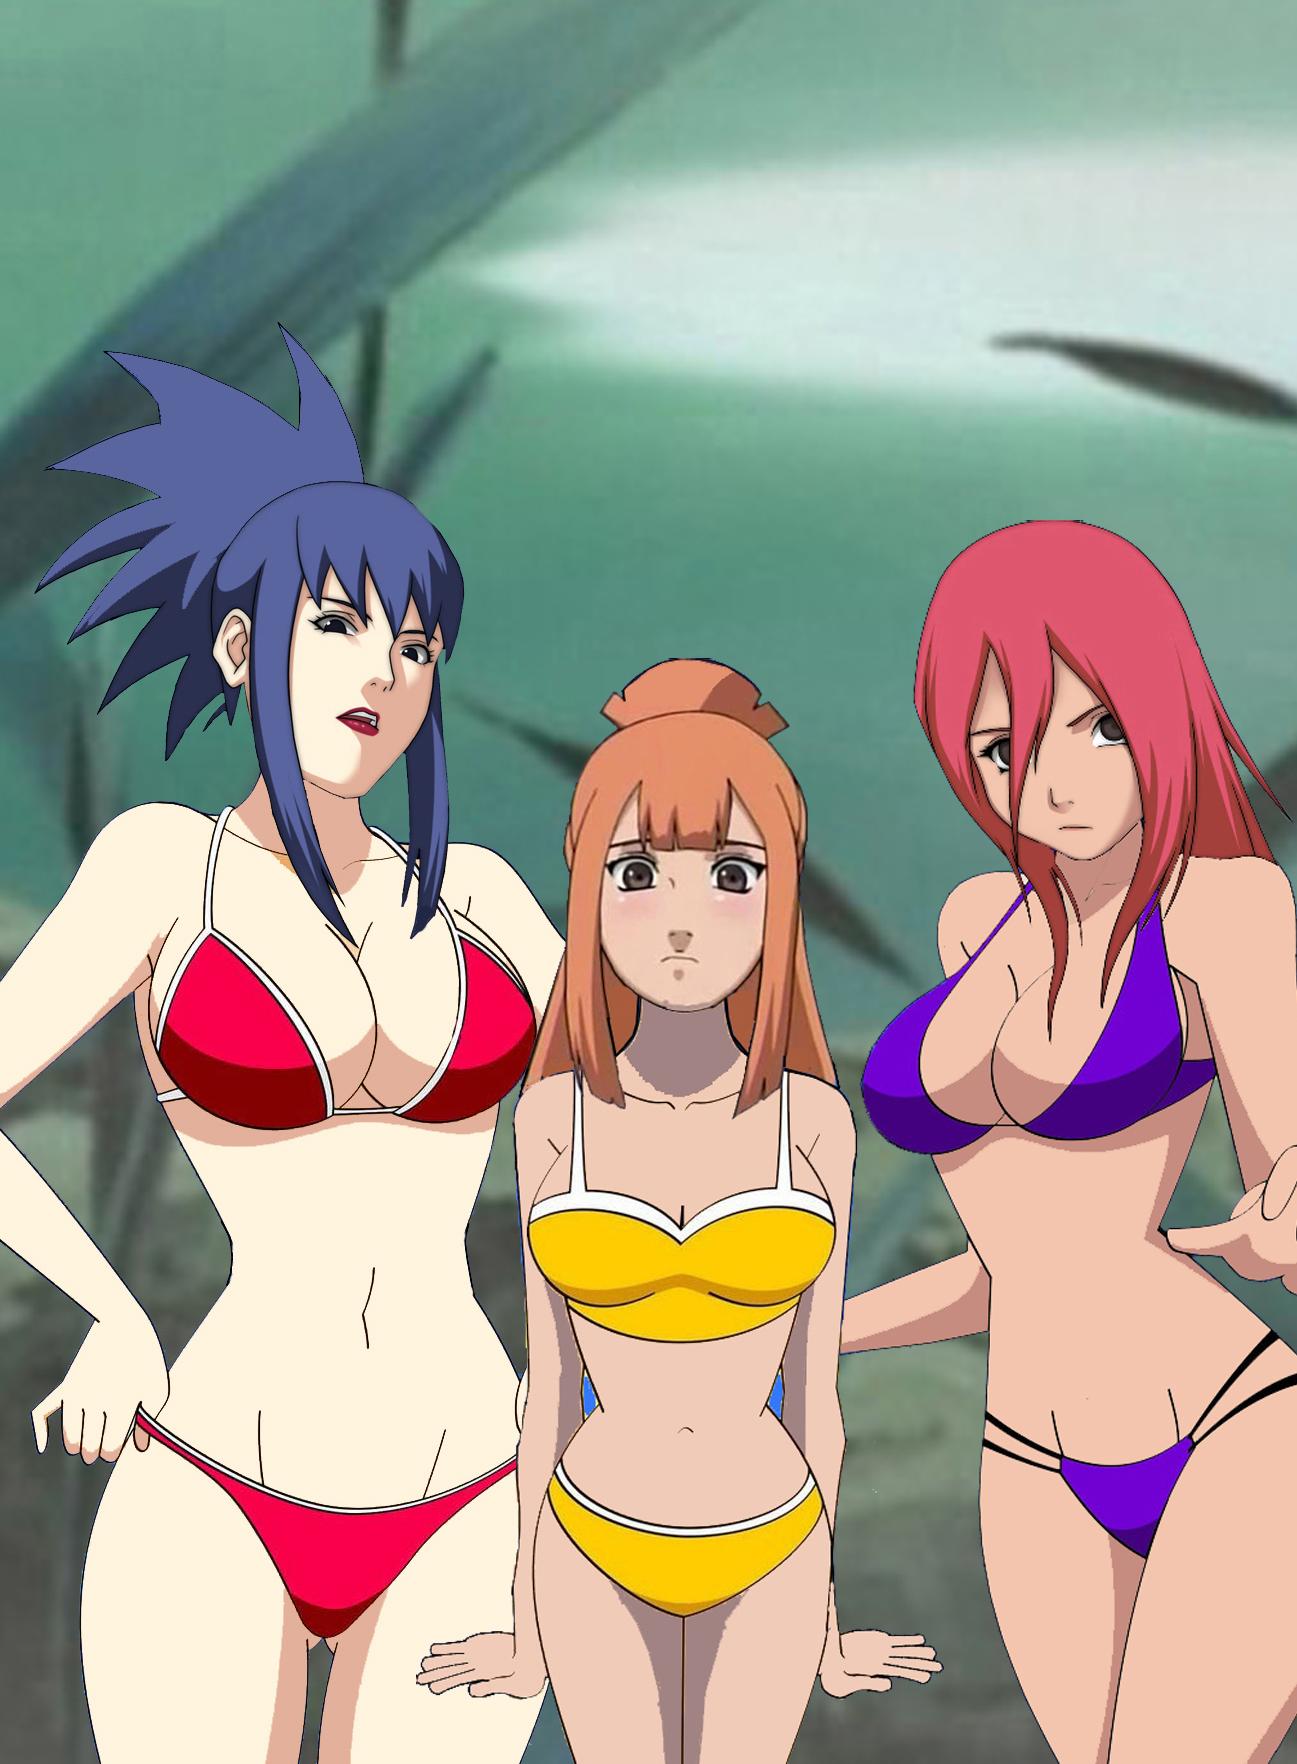 эротические и порно аниме